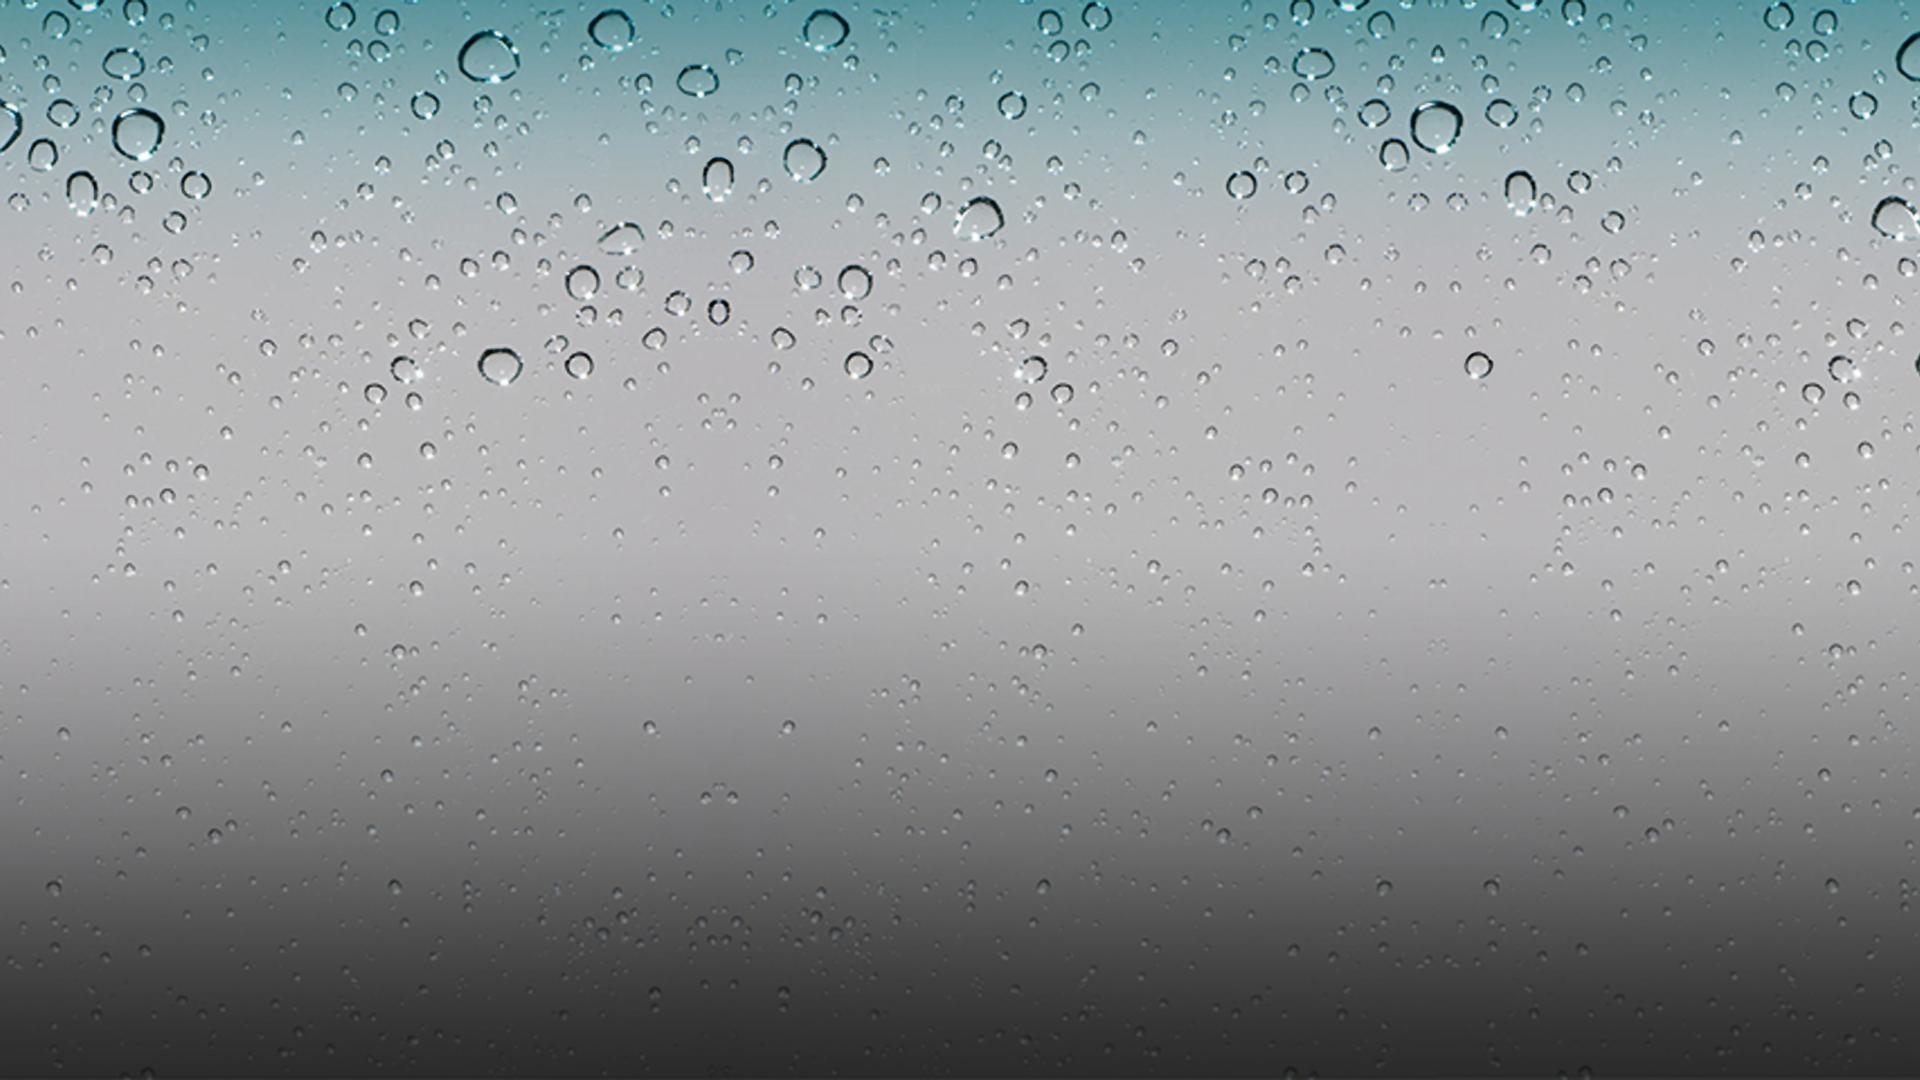 50 Ios Water Droplet Wallpaper On Wallpapersafari